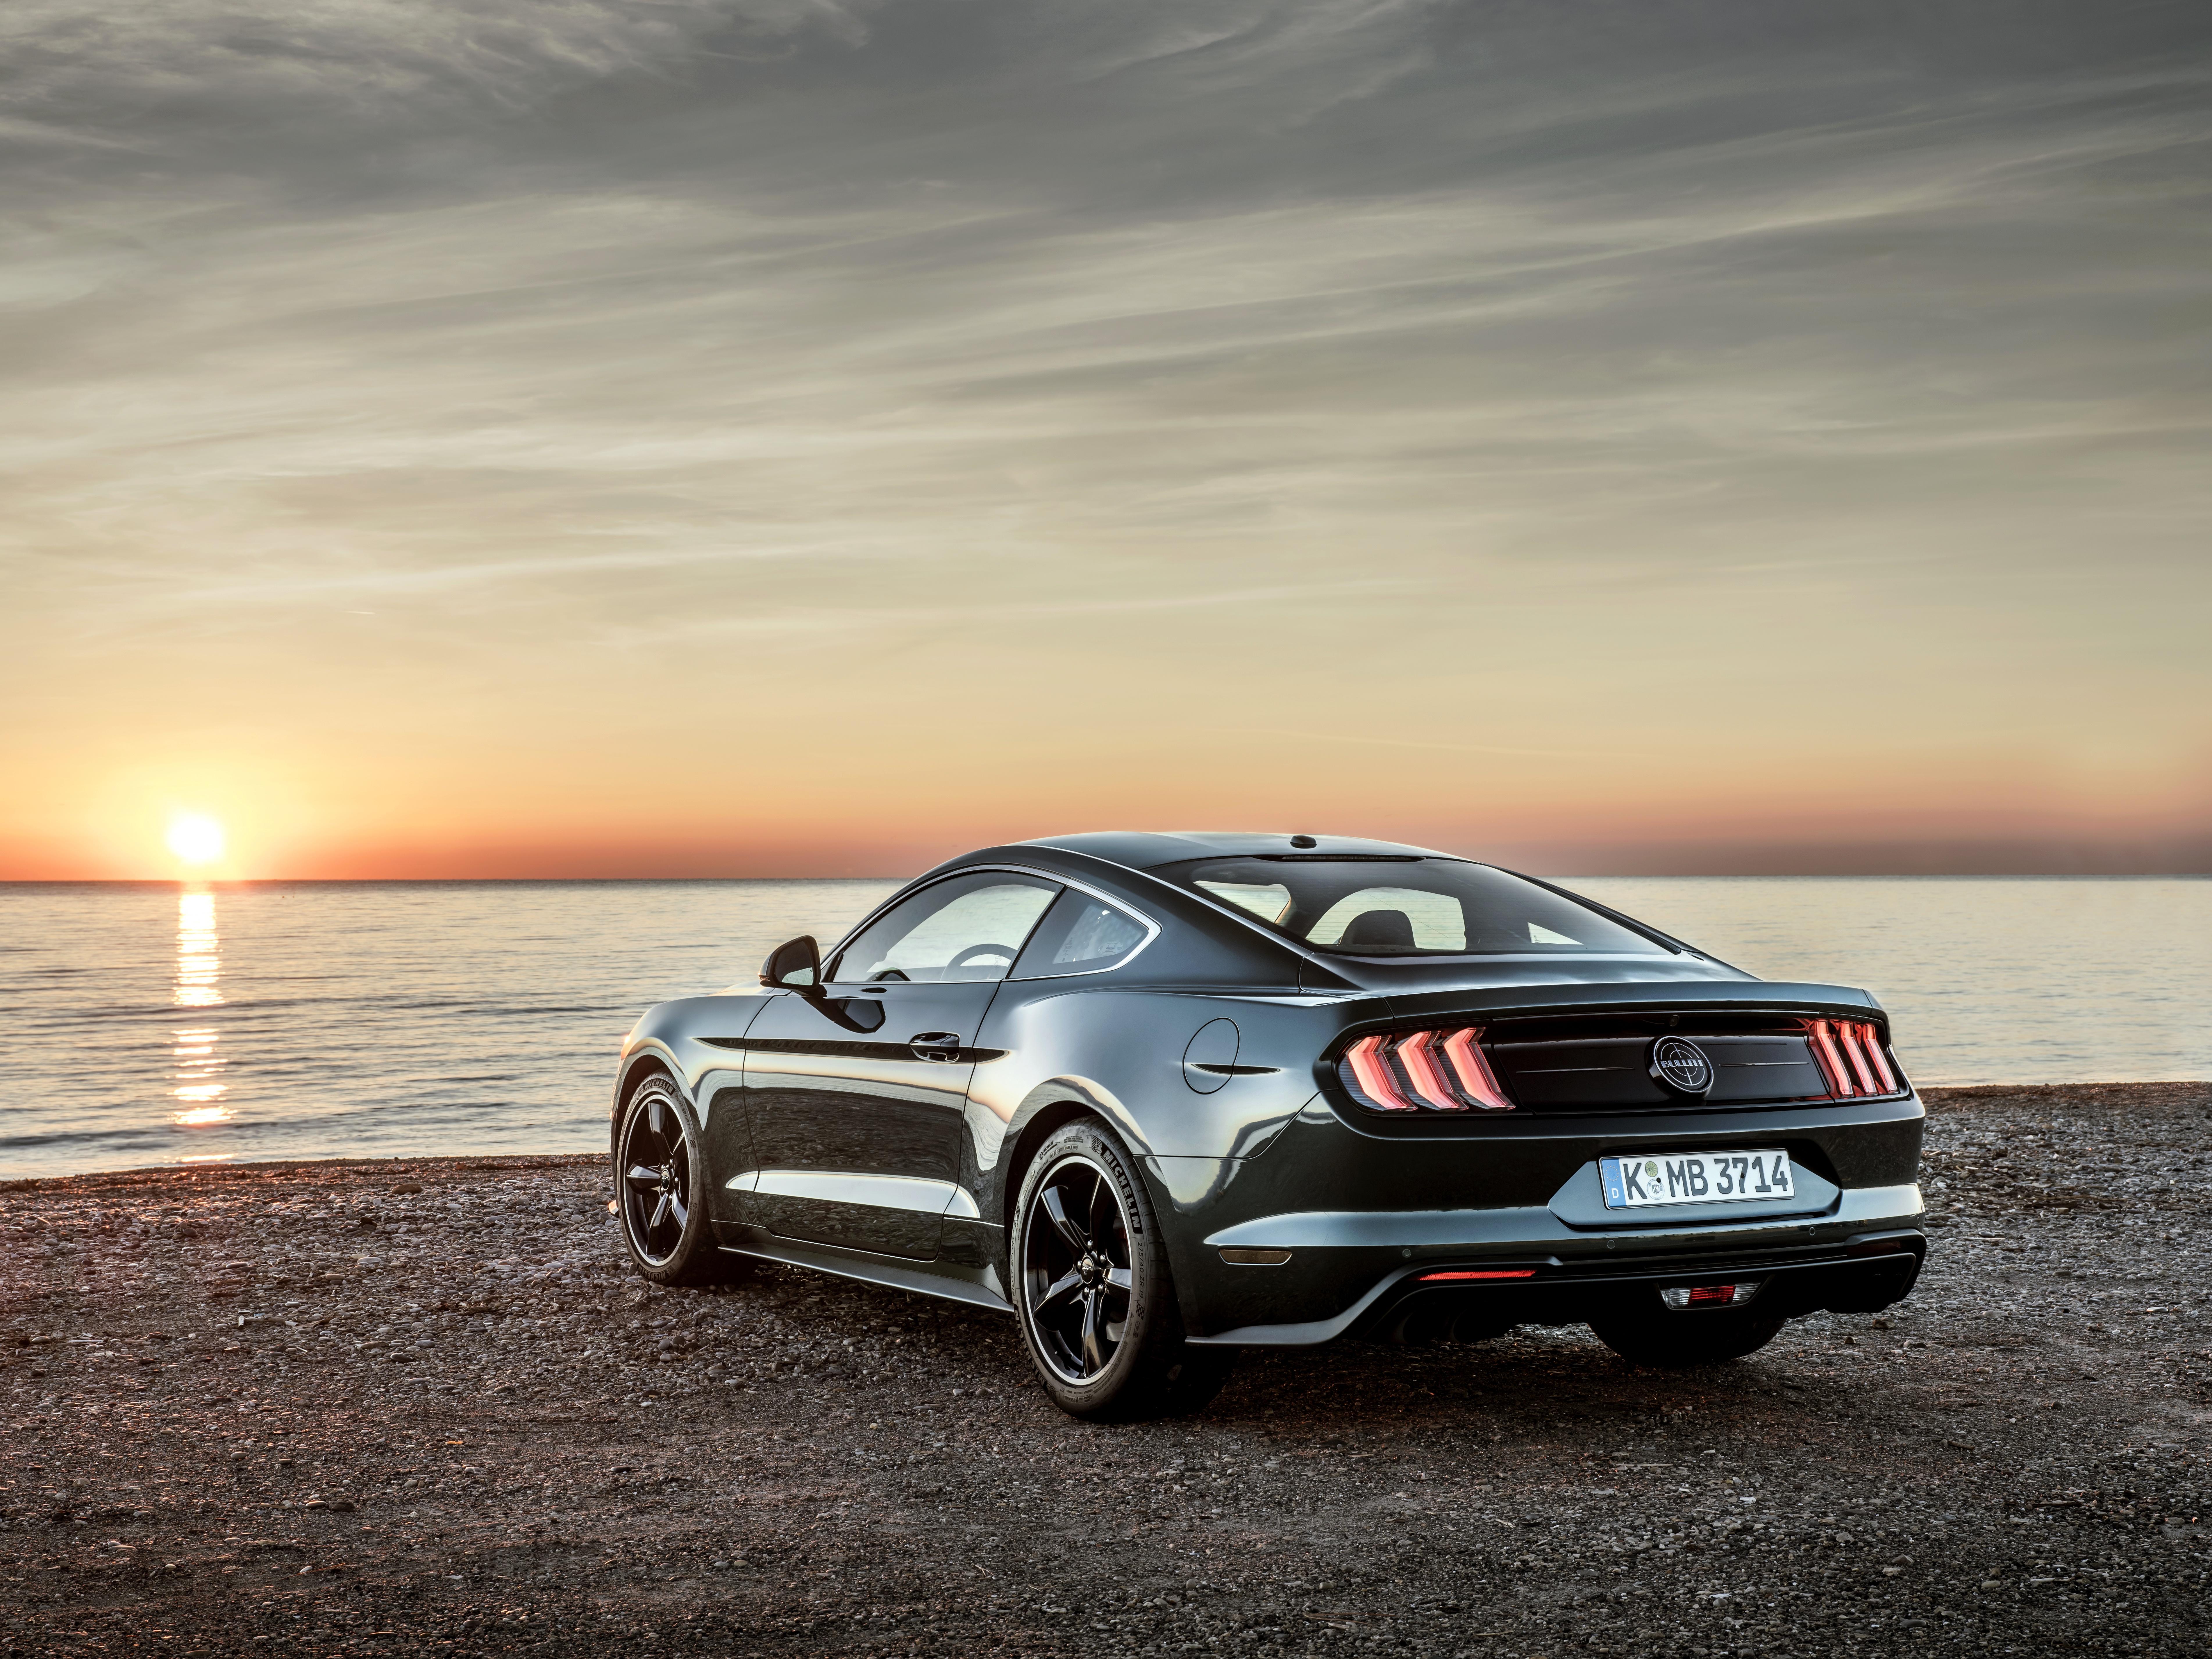 Фотография Форд 2018 Bullitt Mustang рассвет и закат Металлик вид сзади Автомобили 7610x5707 Ford Рассветы и закаты авто Сзади машины машина автомобиль